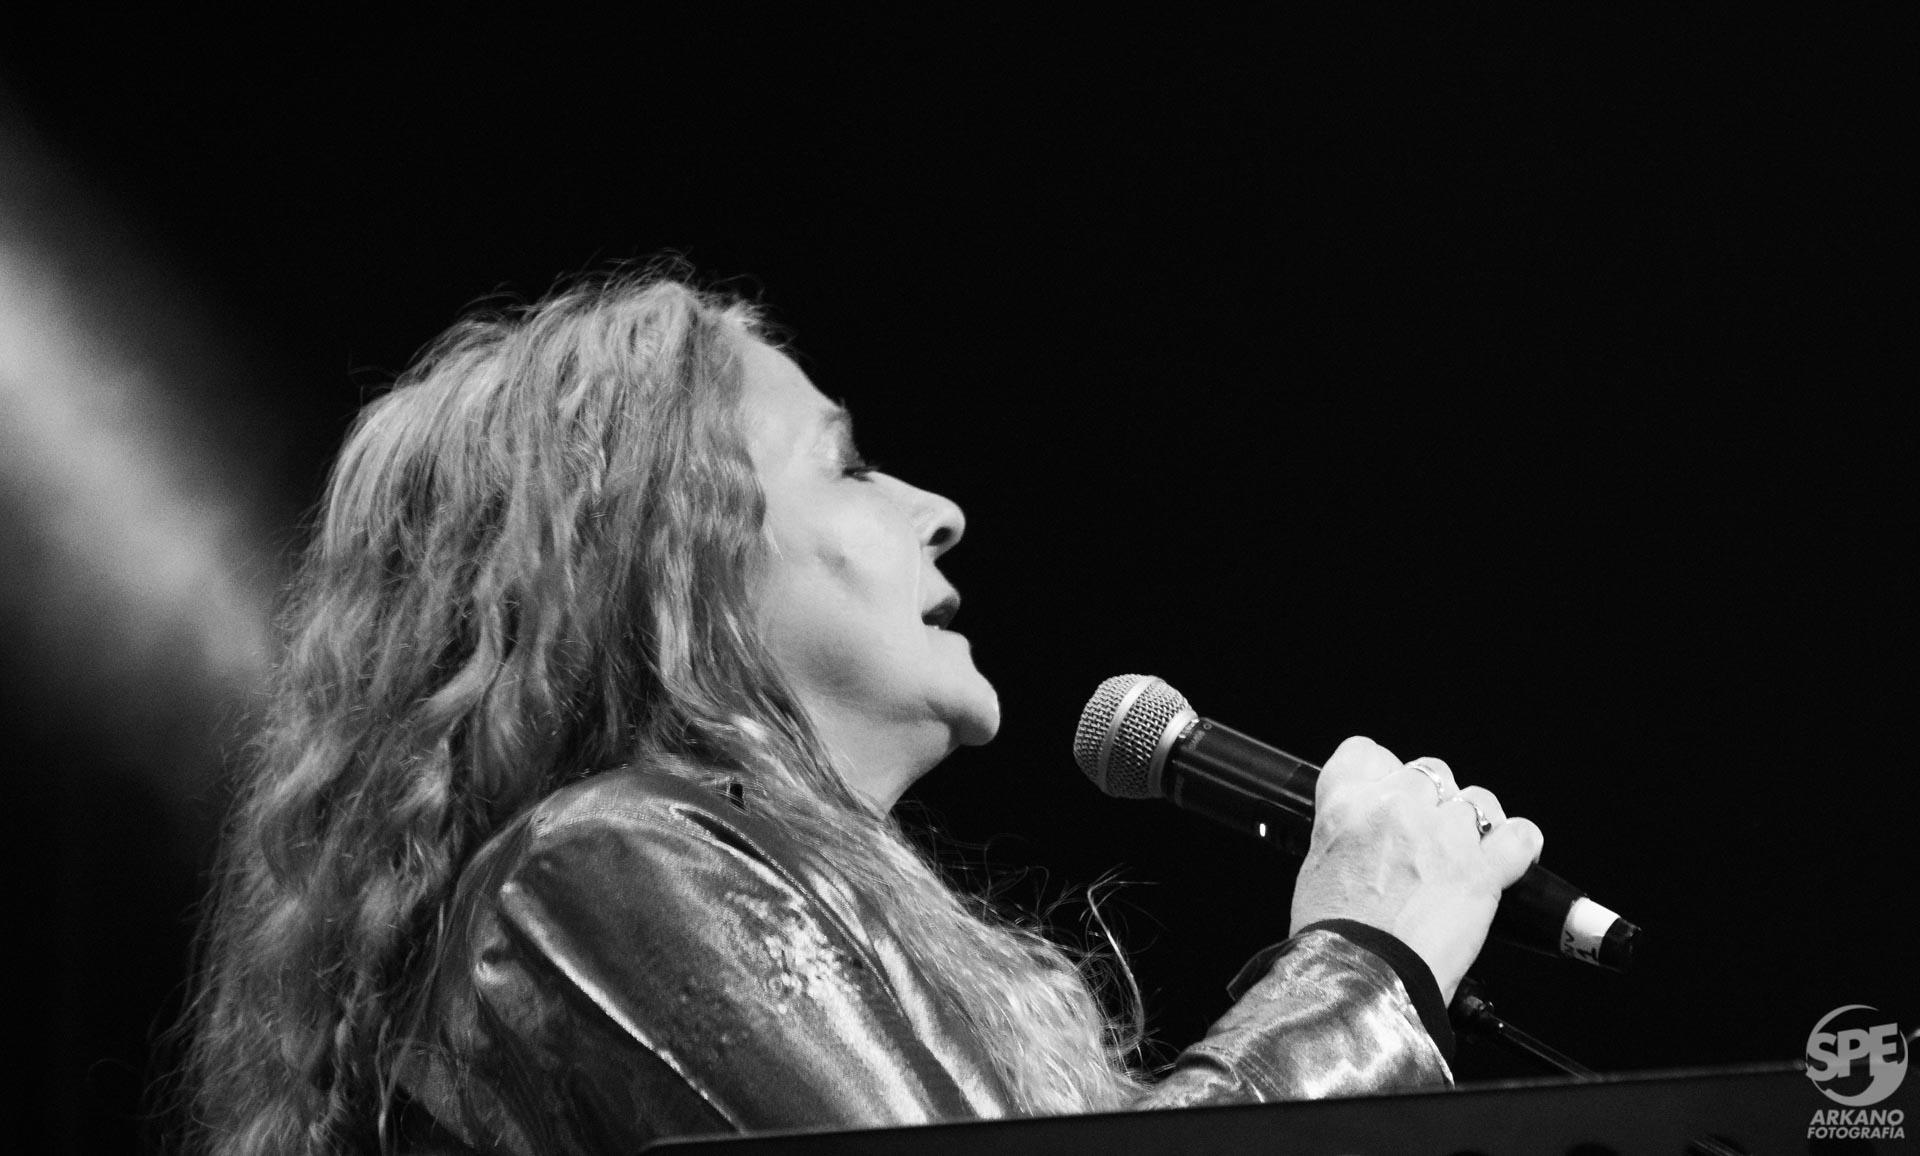 Fabiana Cantilo se presentó en el Teatro Gran Rivadavia, Buenos Aires, Argentina el dia sabado 31 de agosto de 2019. El show contó con numerosos invitados. Foto de: Federico Herrera.